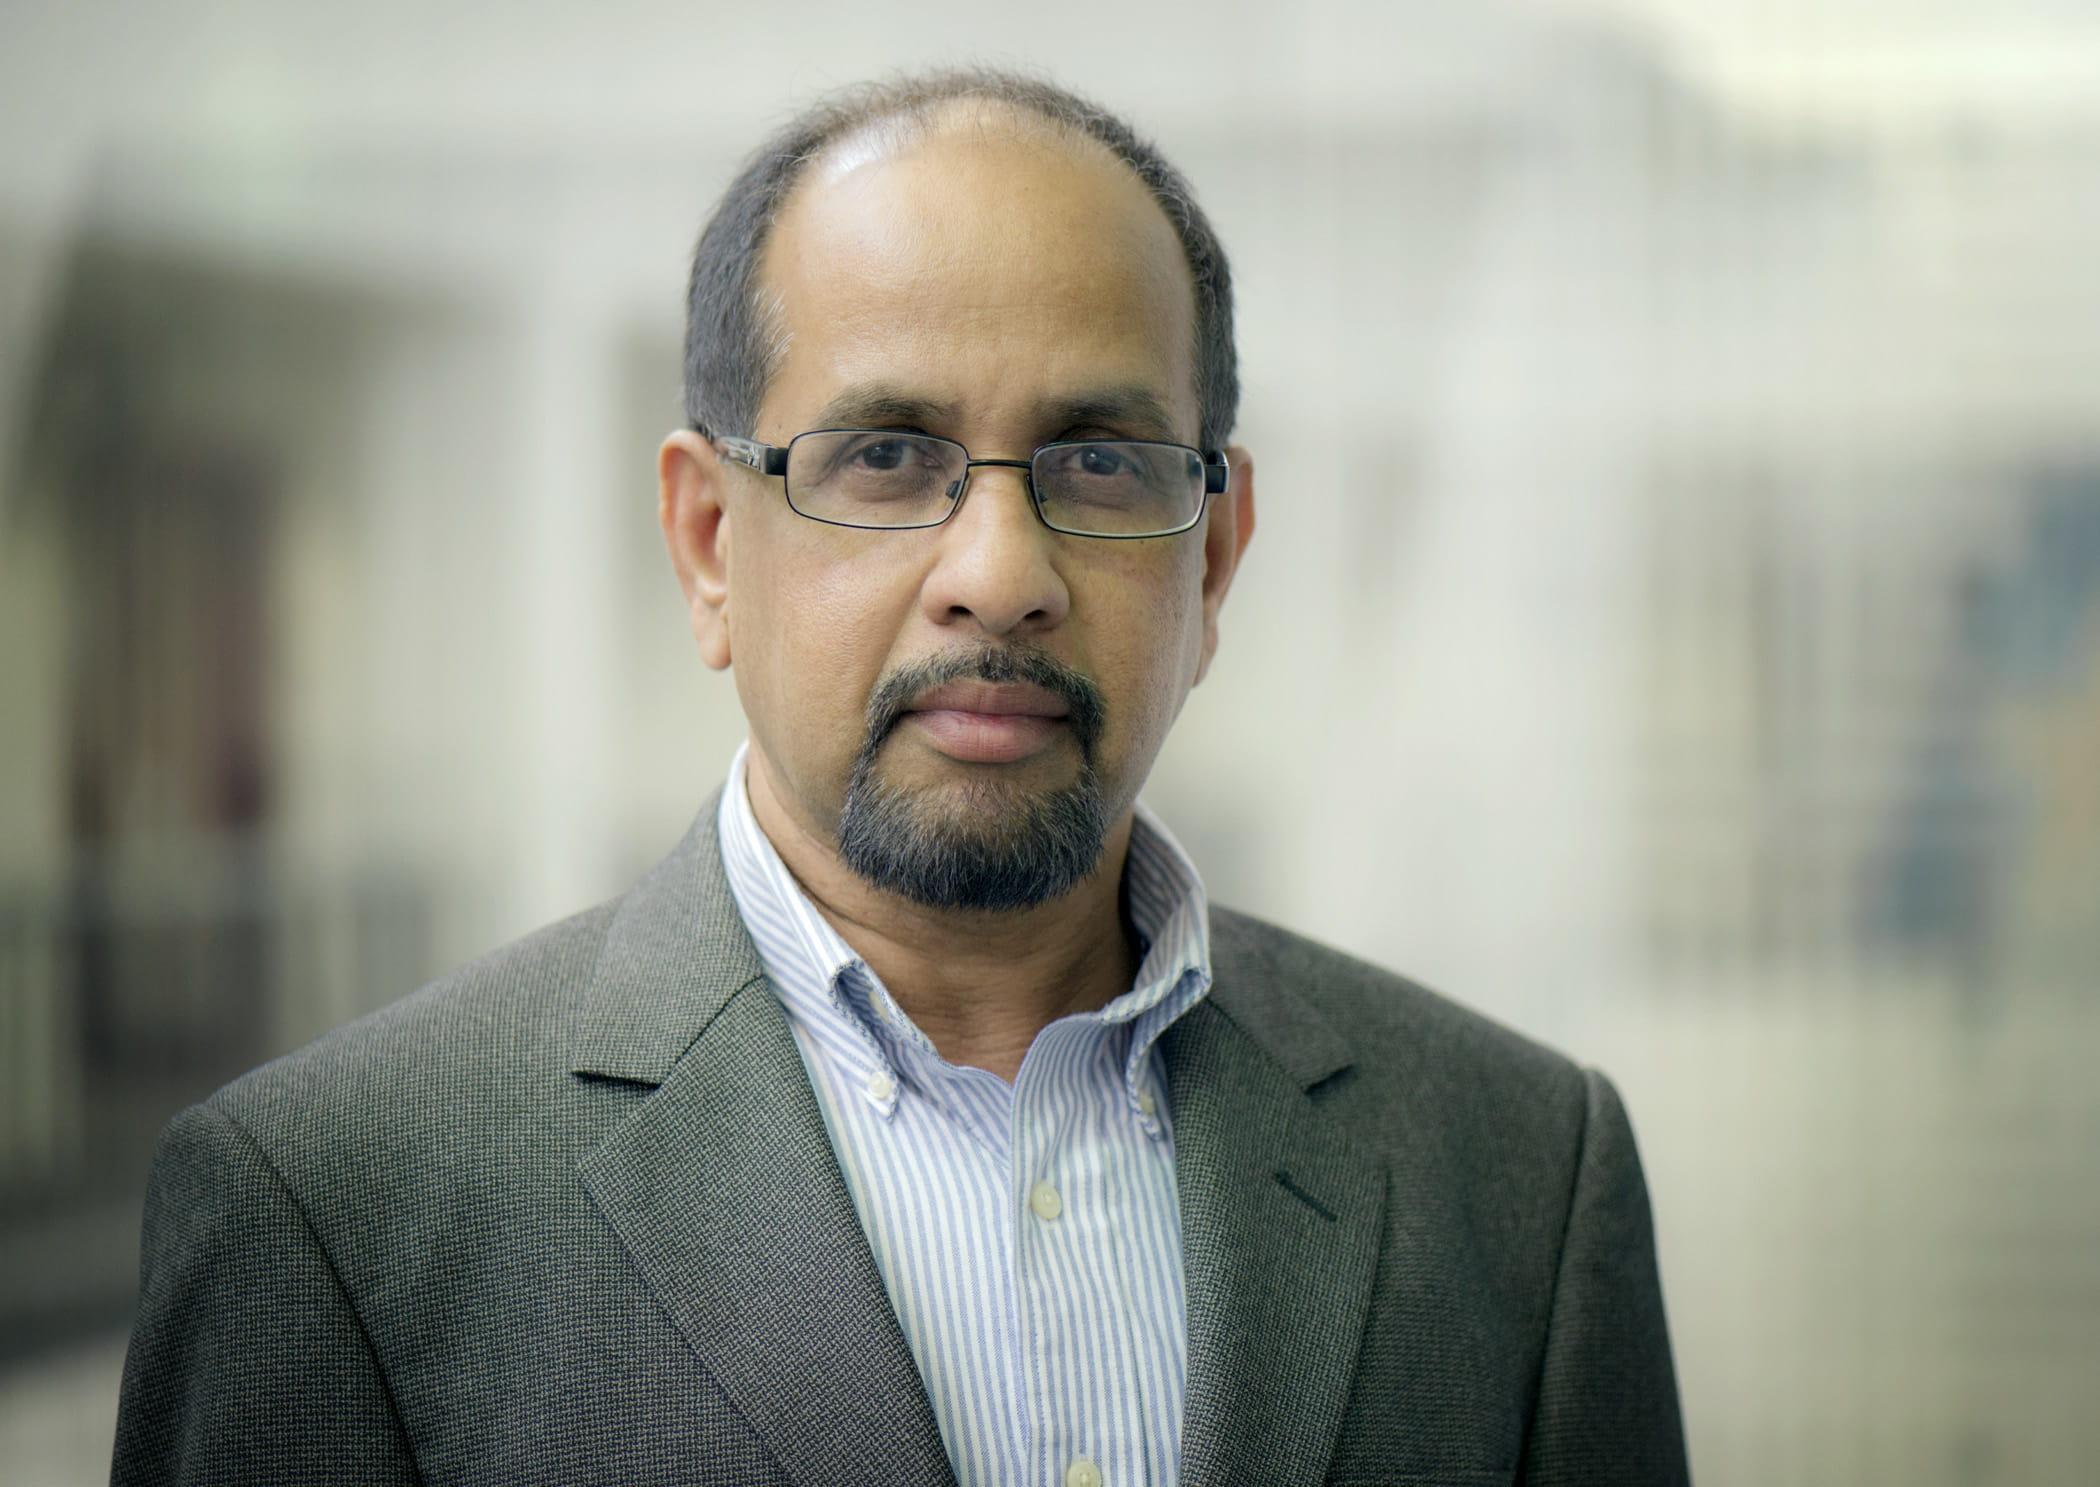 Muthu Wijesundara